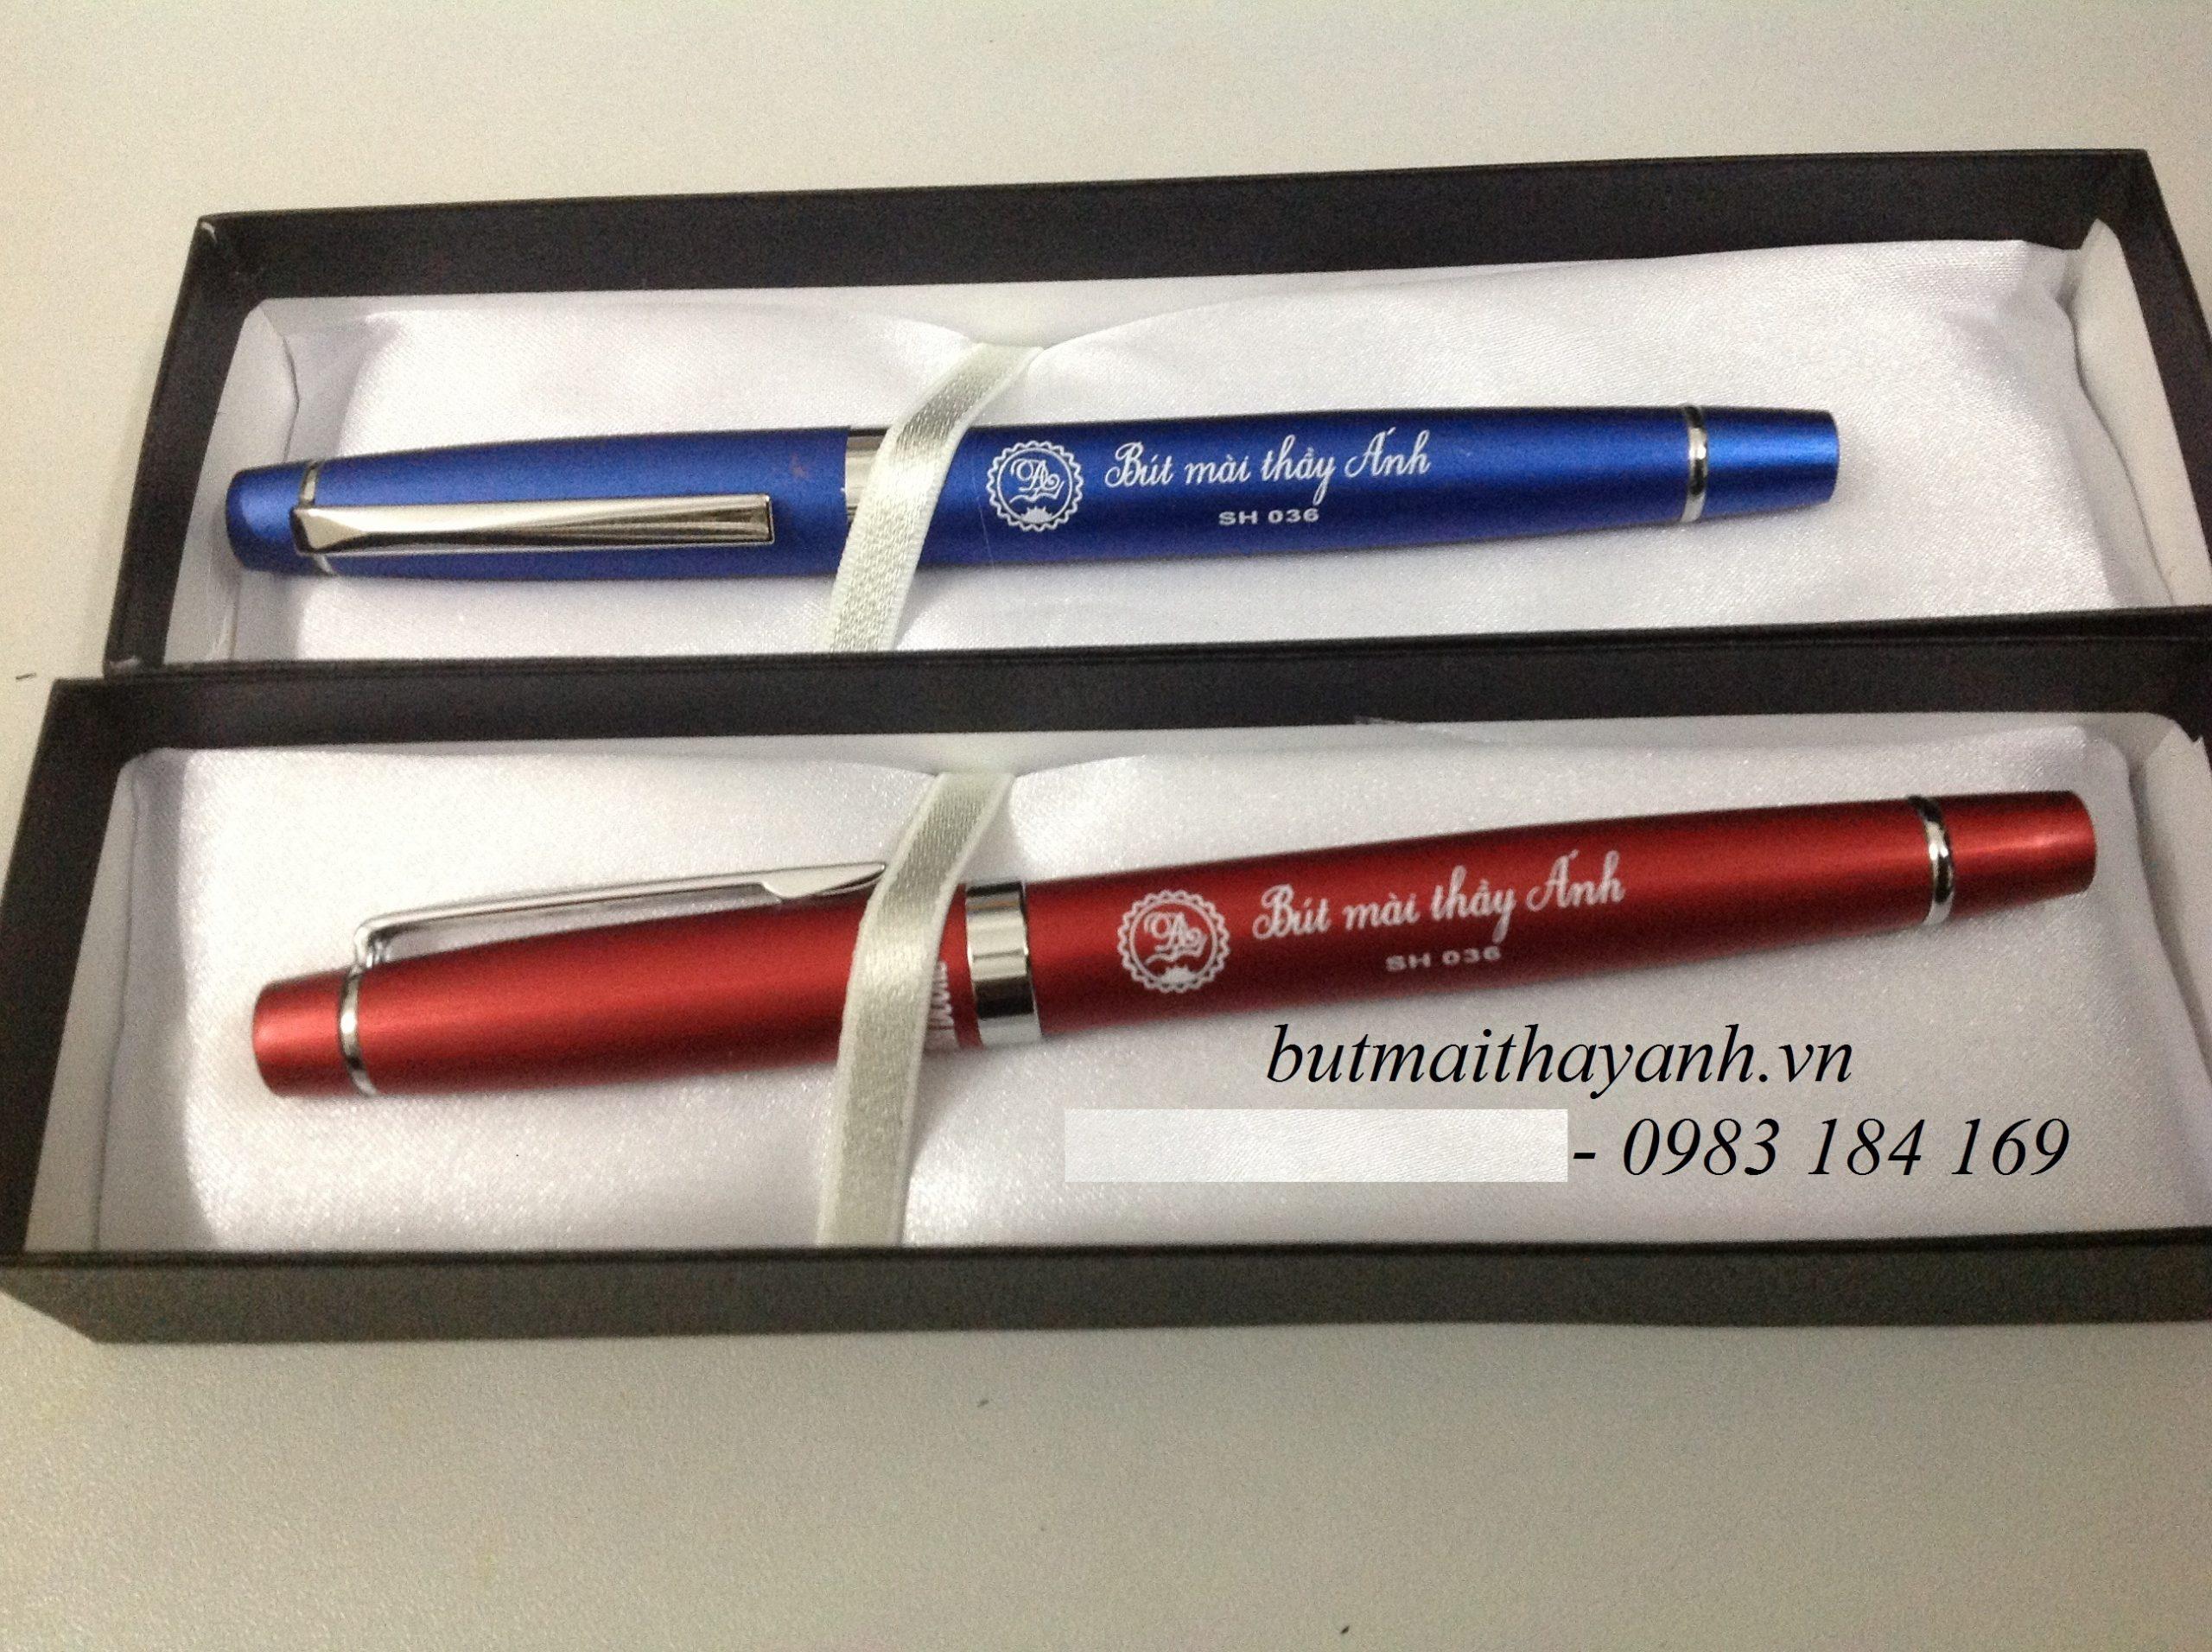 Bút mài thầy ánh SH036